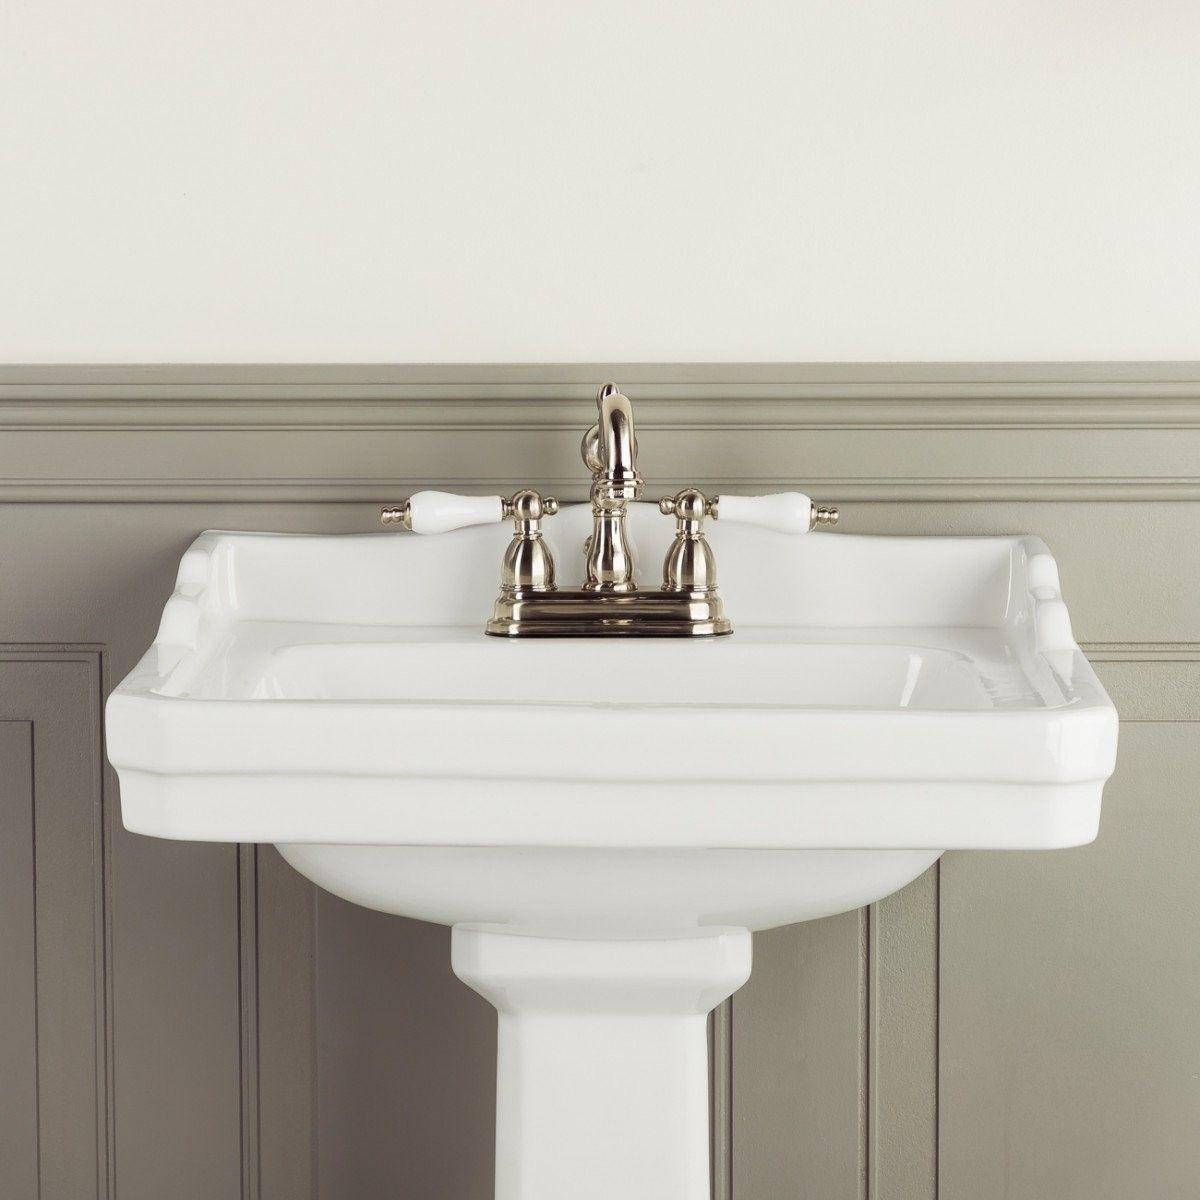 Zurich 22 Inch Pedestal Sink In 2020 Sink Pedestal Sink Faucet